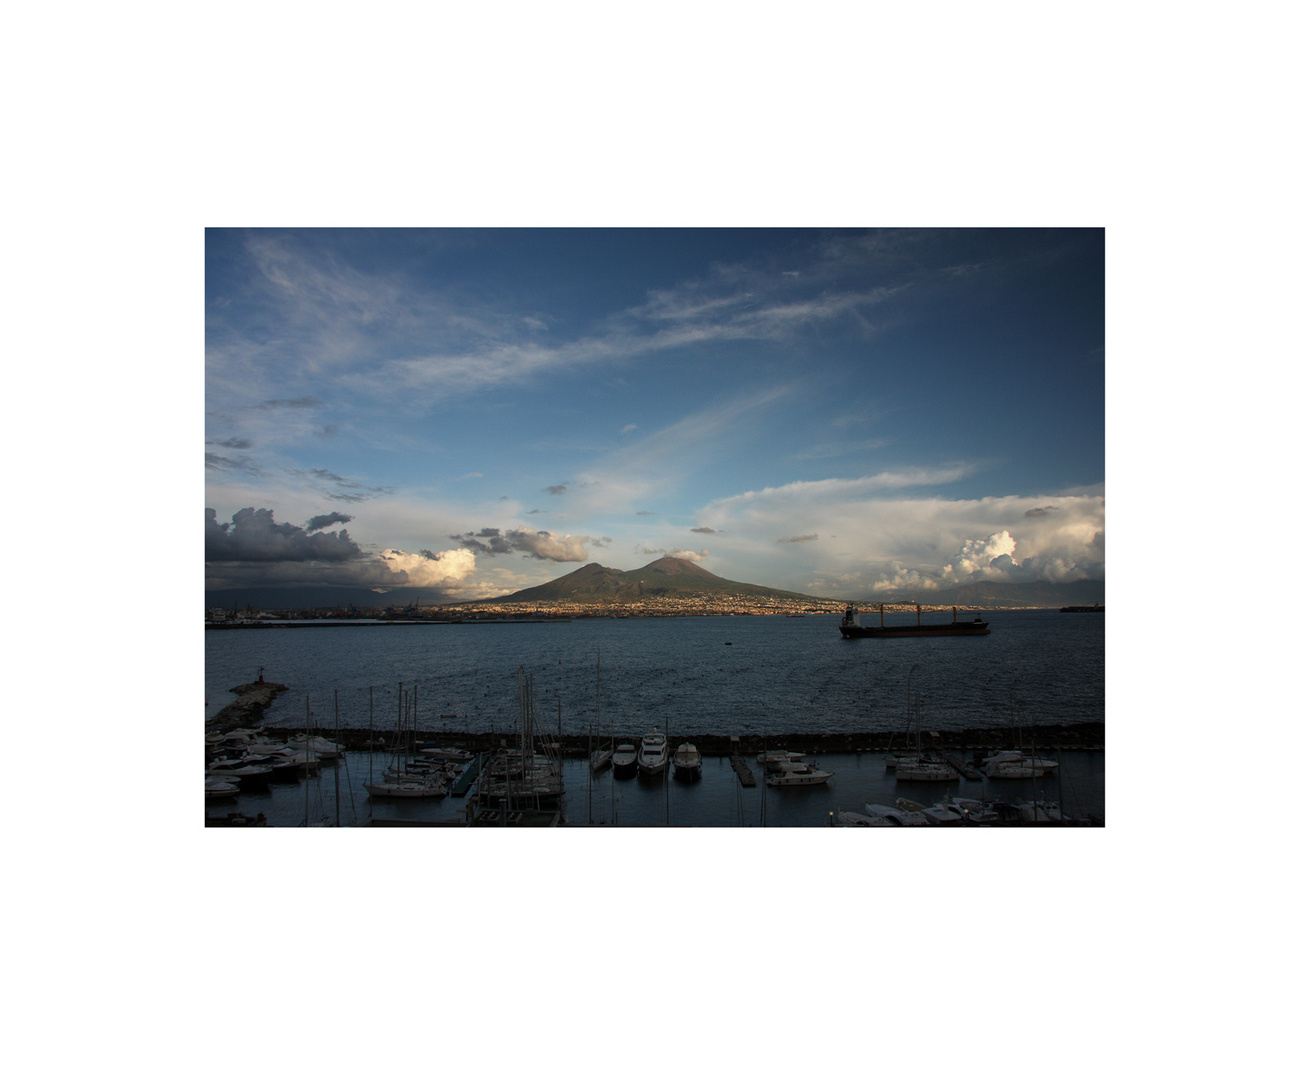 Neaples,Vesuvius